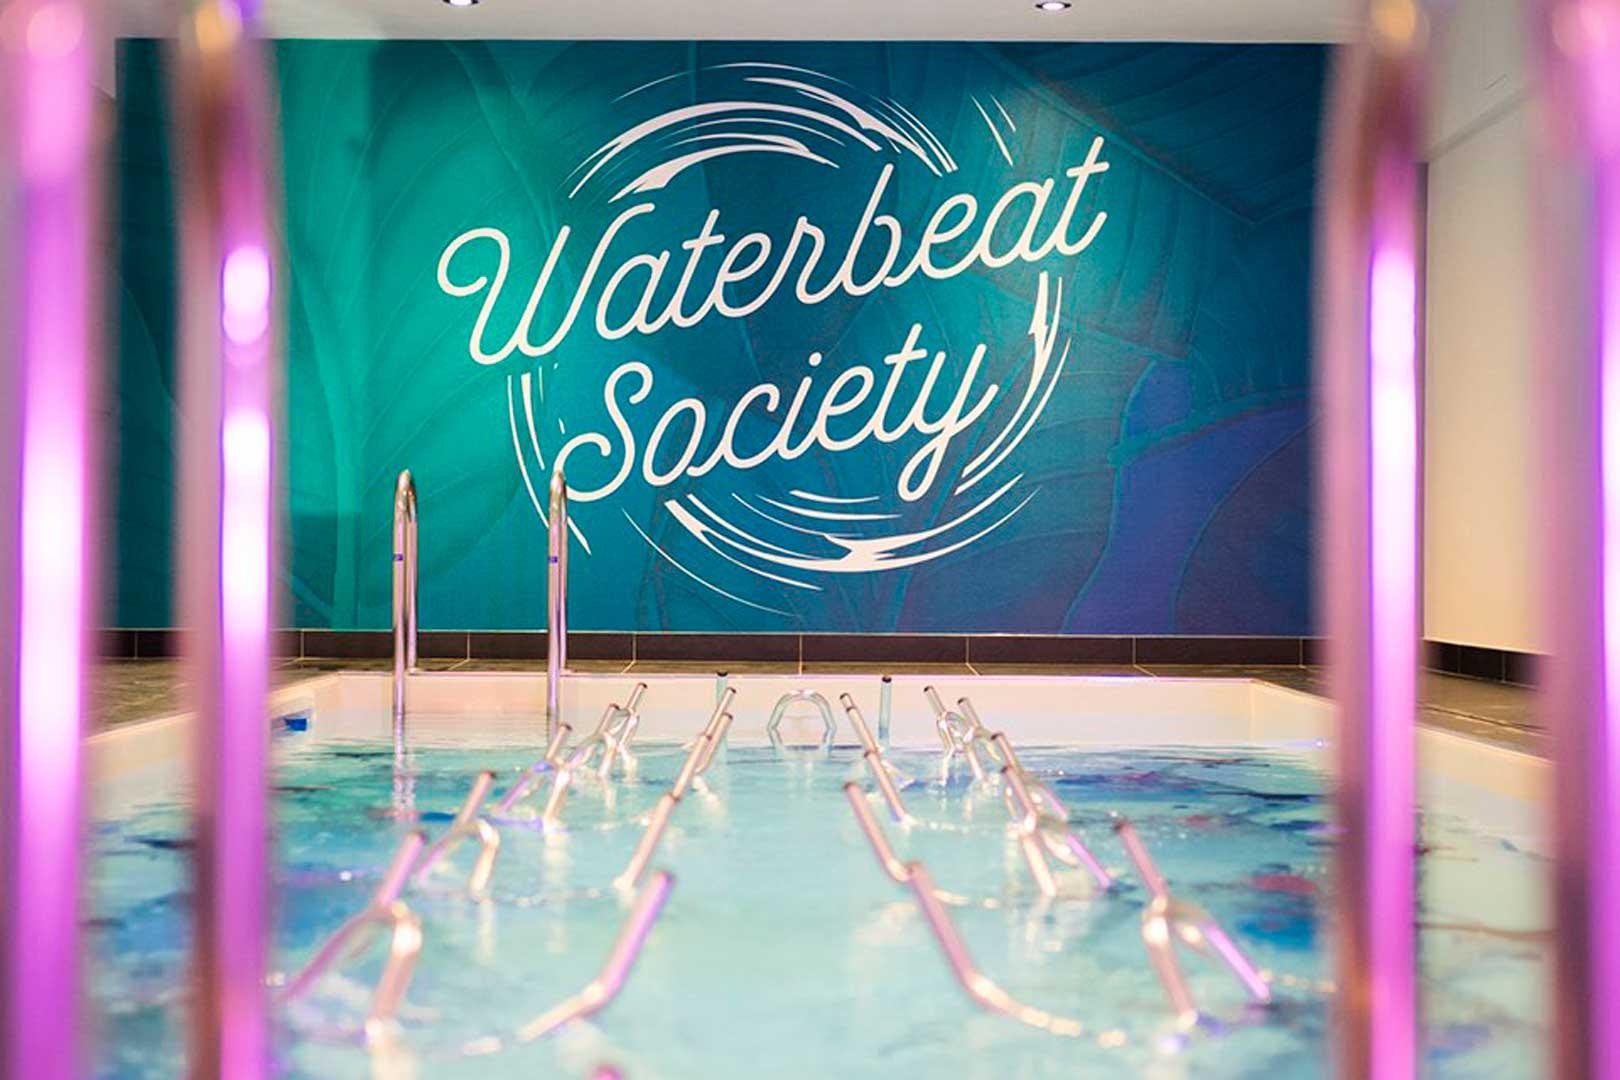 Waterbeat Society - Milano